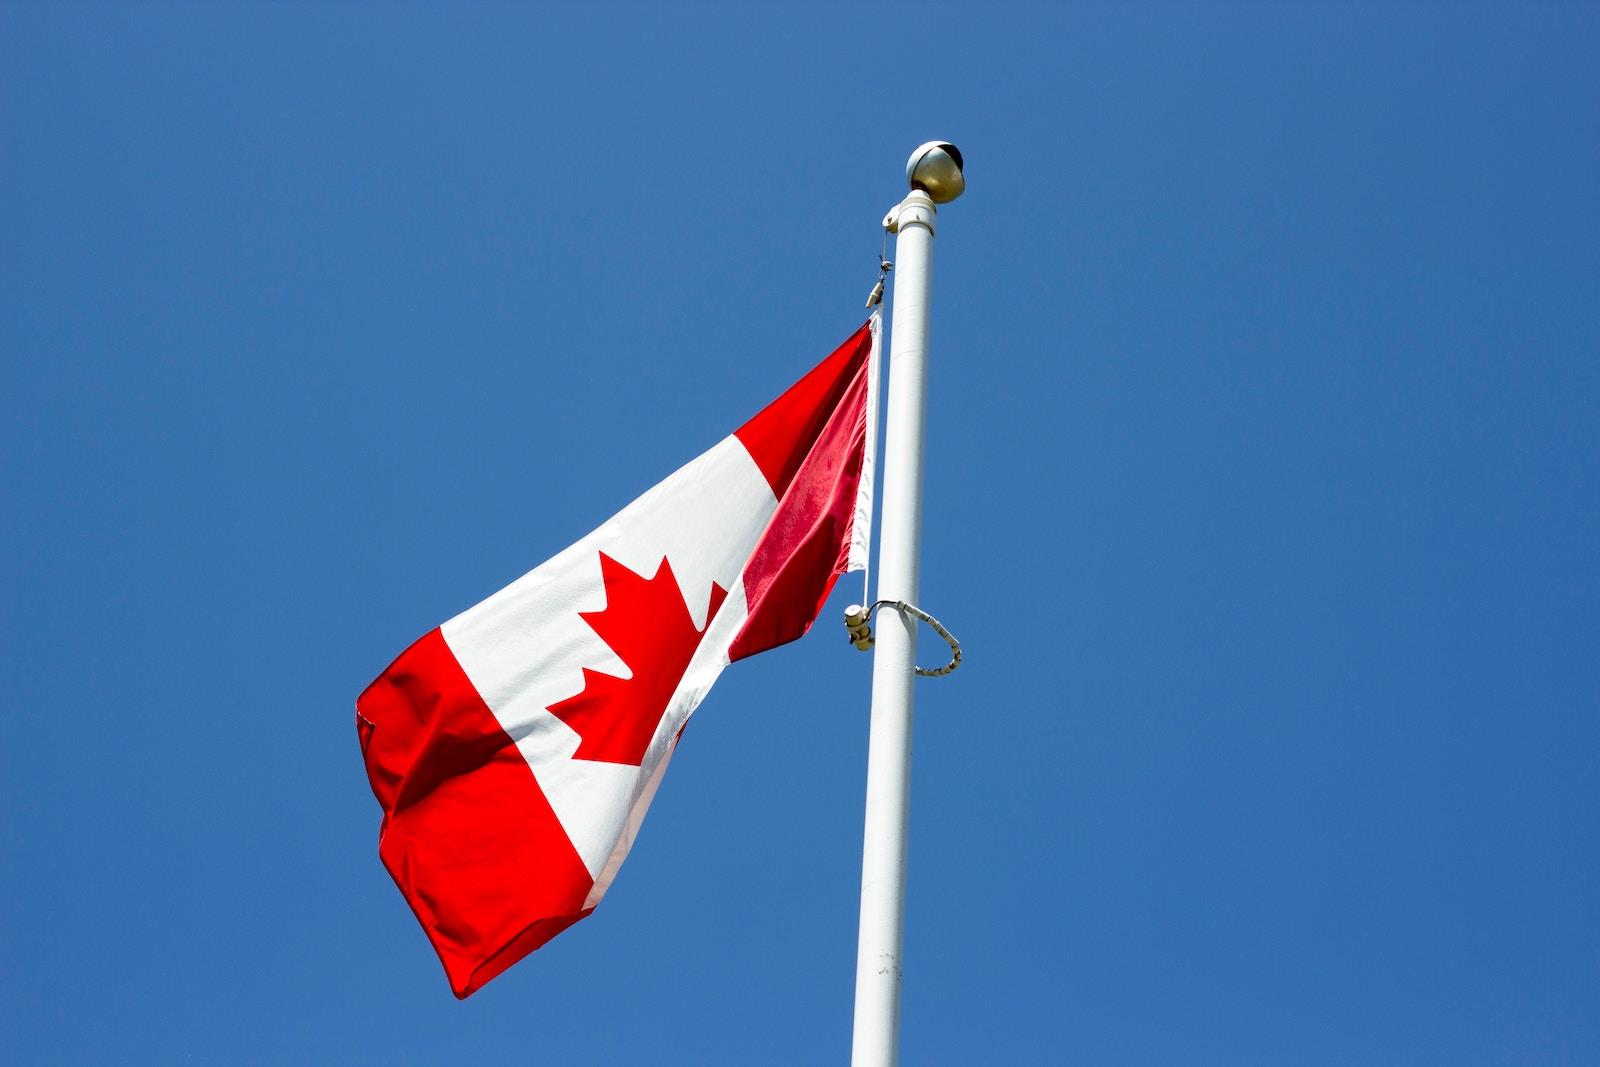 MAU vidnovyť prjame aviaspolučennja z Kanadoju